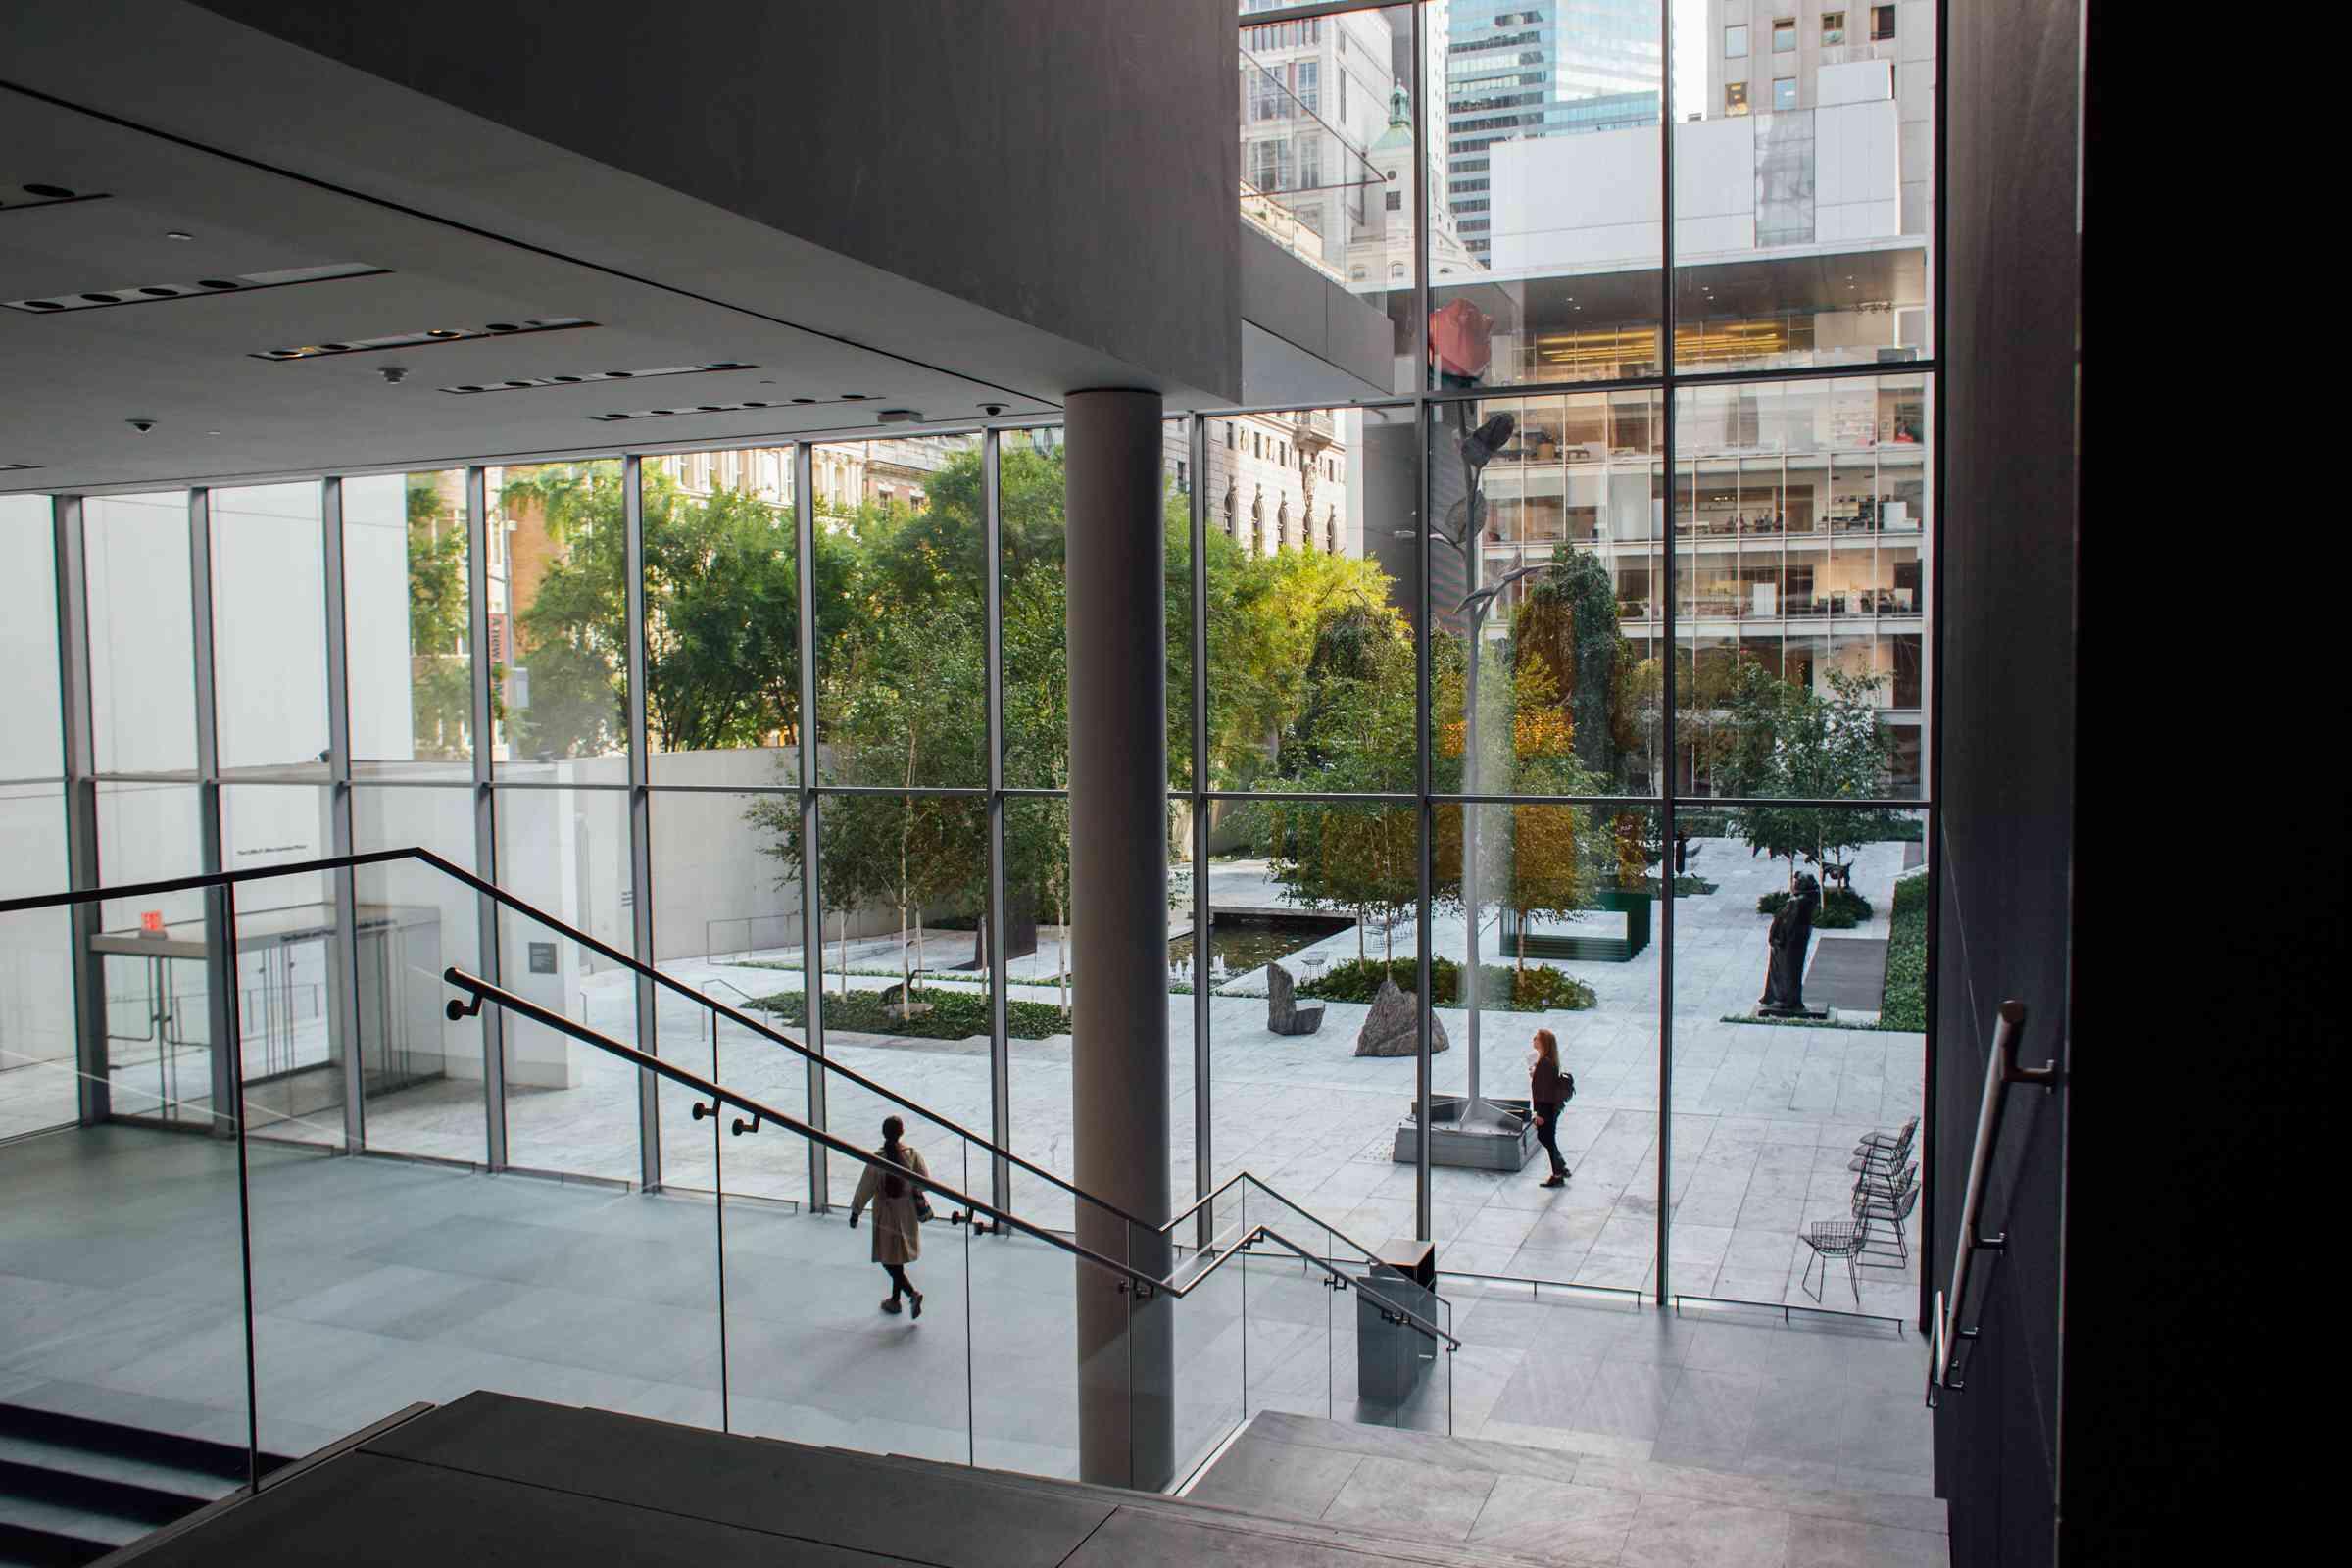 The MOMA in New York City, NY